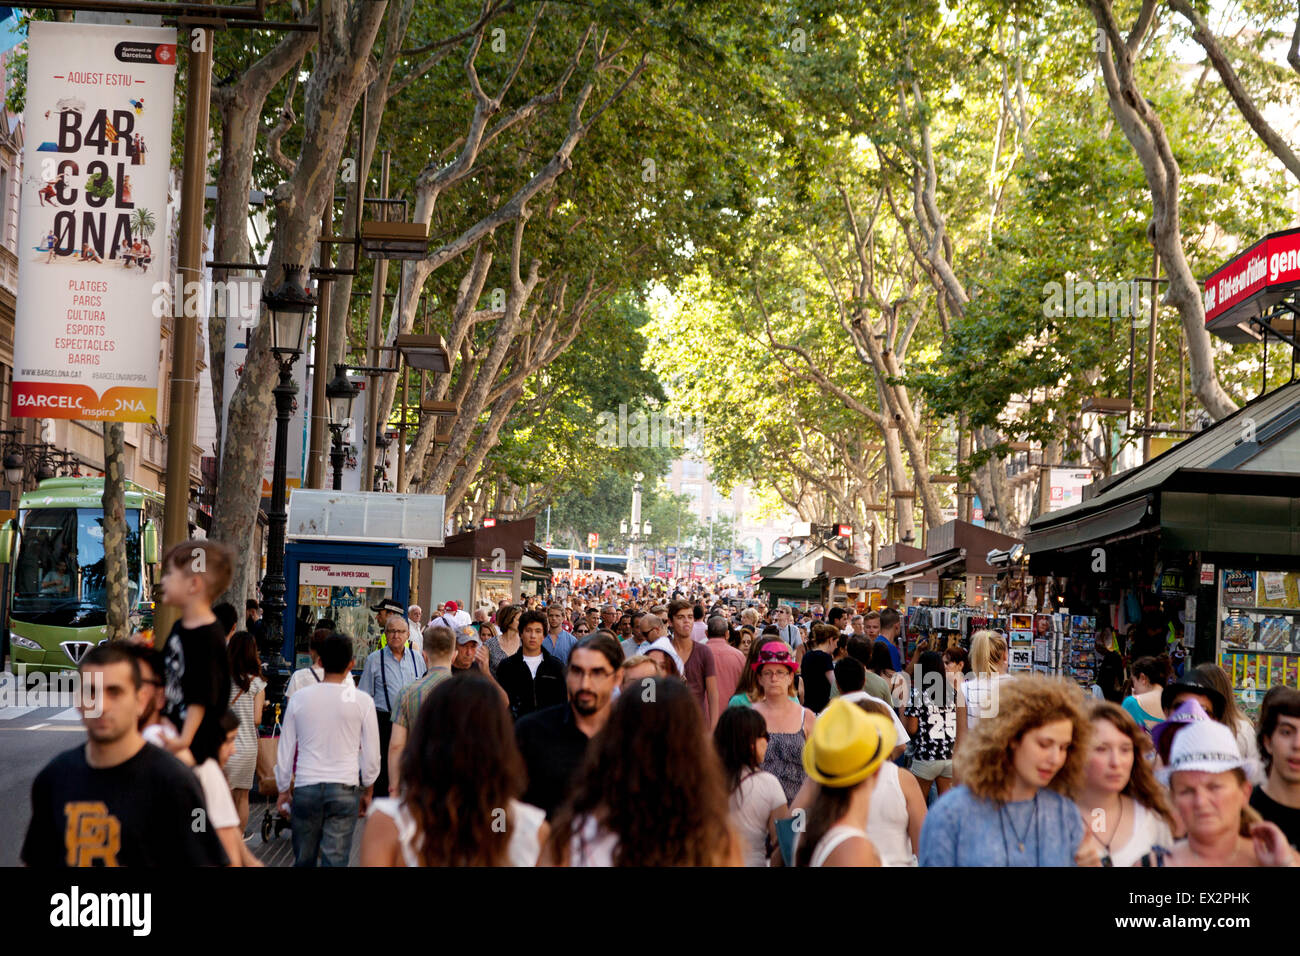 Crowds of people on Las Ramblas walkway, Barcelona, Spain Europe - Stock Image